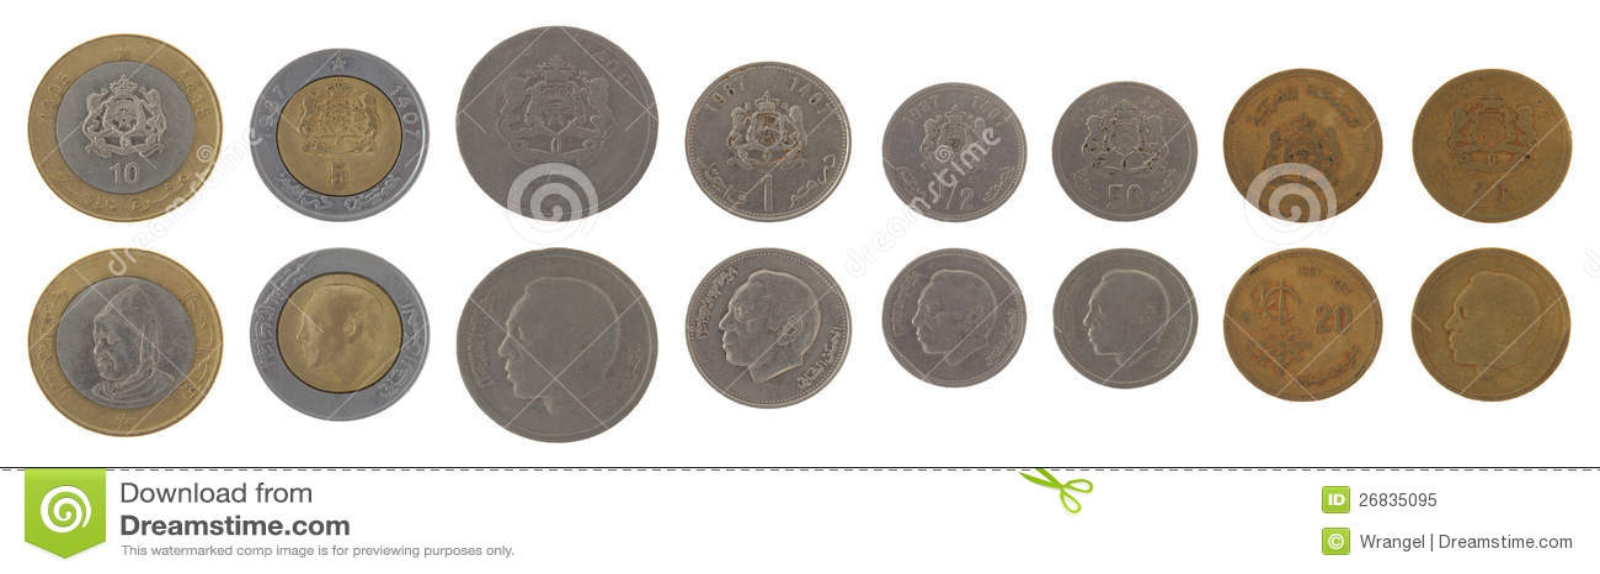 Marokkanische Münzen Getrennt Auf Weiß Stockbild Bild Von Metall